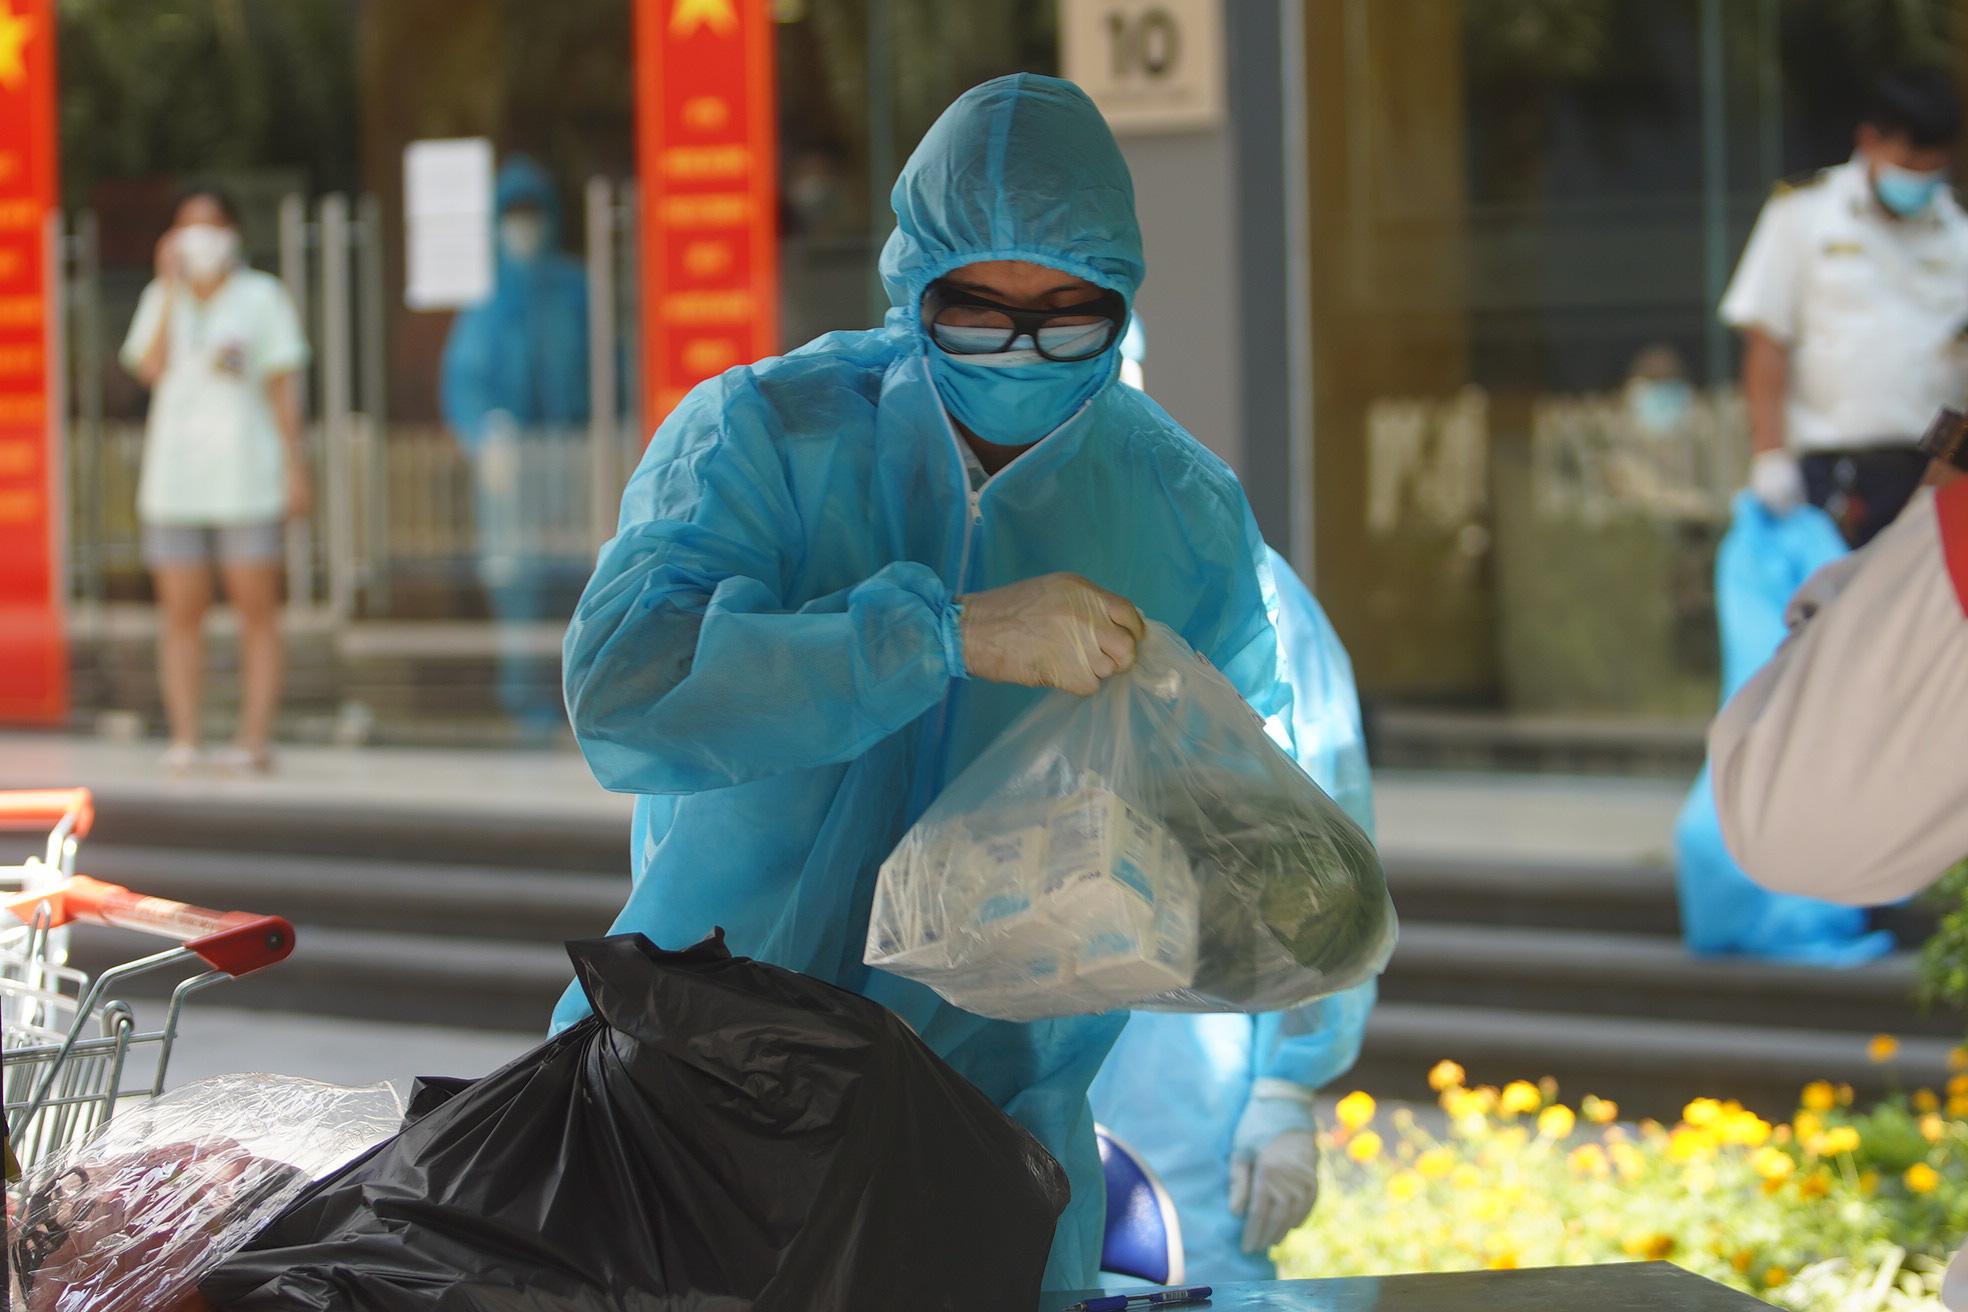 Phong tỏa, tiếp tế đồ ăn chung cư ở Times City có chuyên gia Ấn Độ dương tính với SARS-CoV-2 - Ảnh 7.